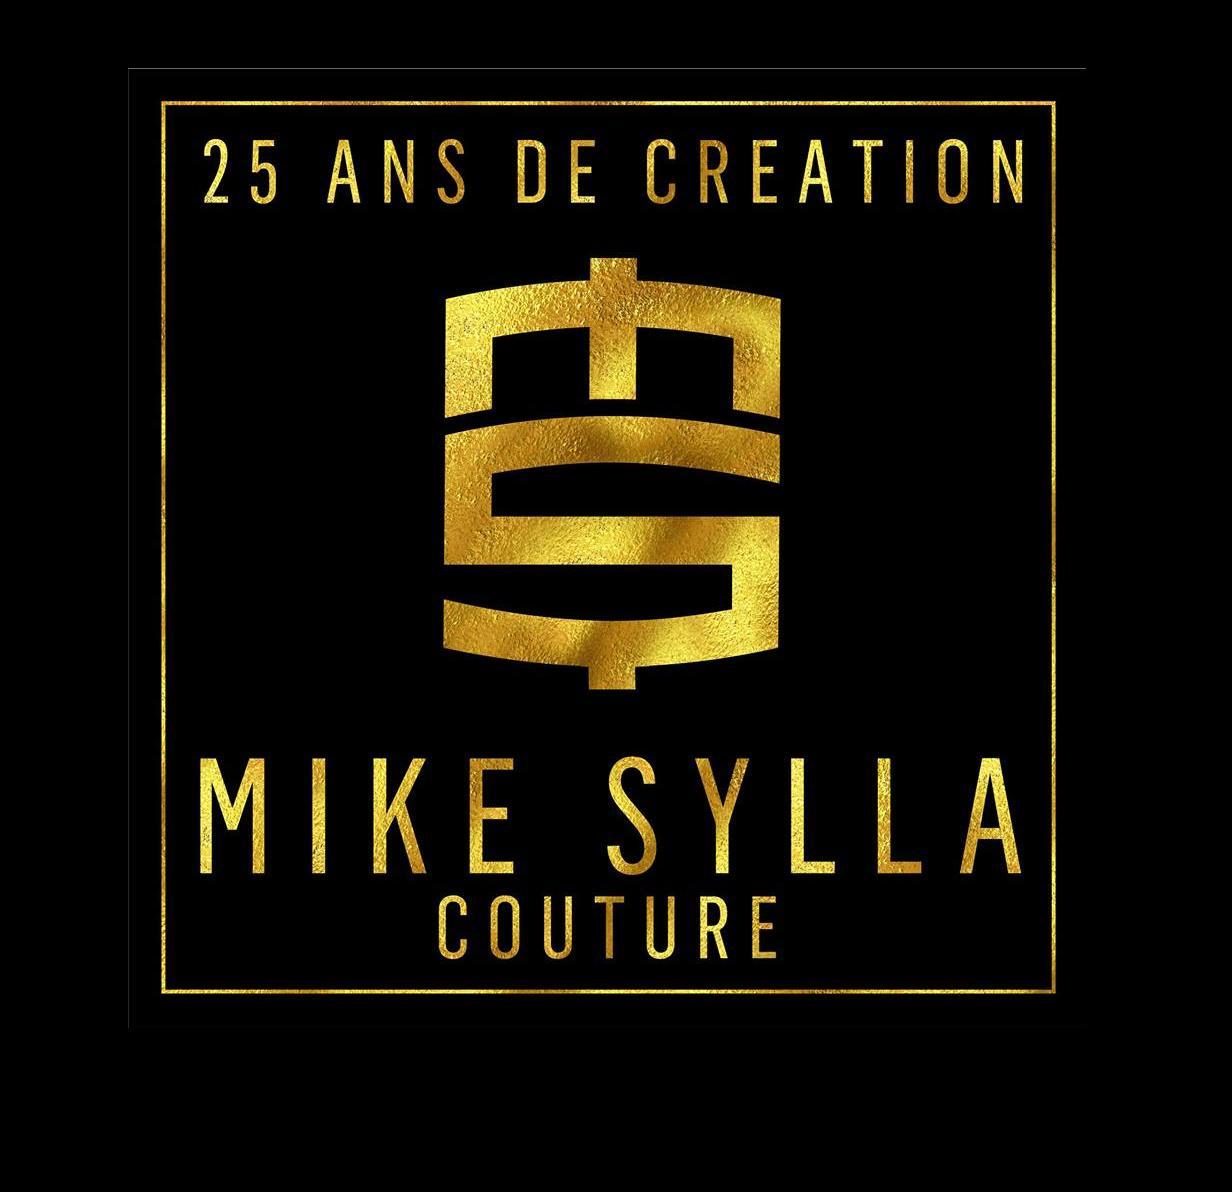 Mike Sylla Couture 25 ans de création